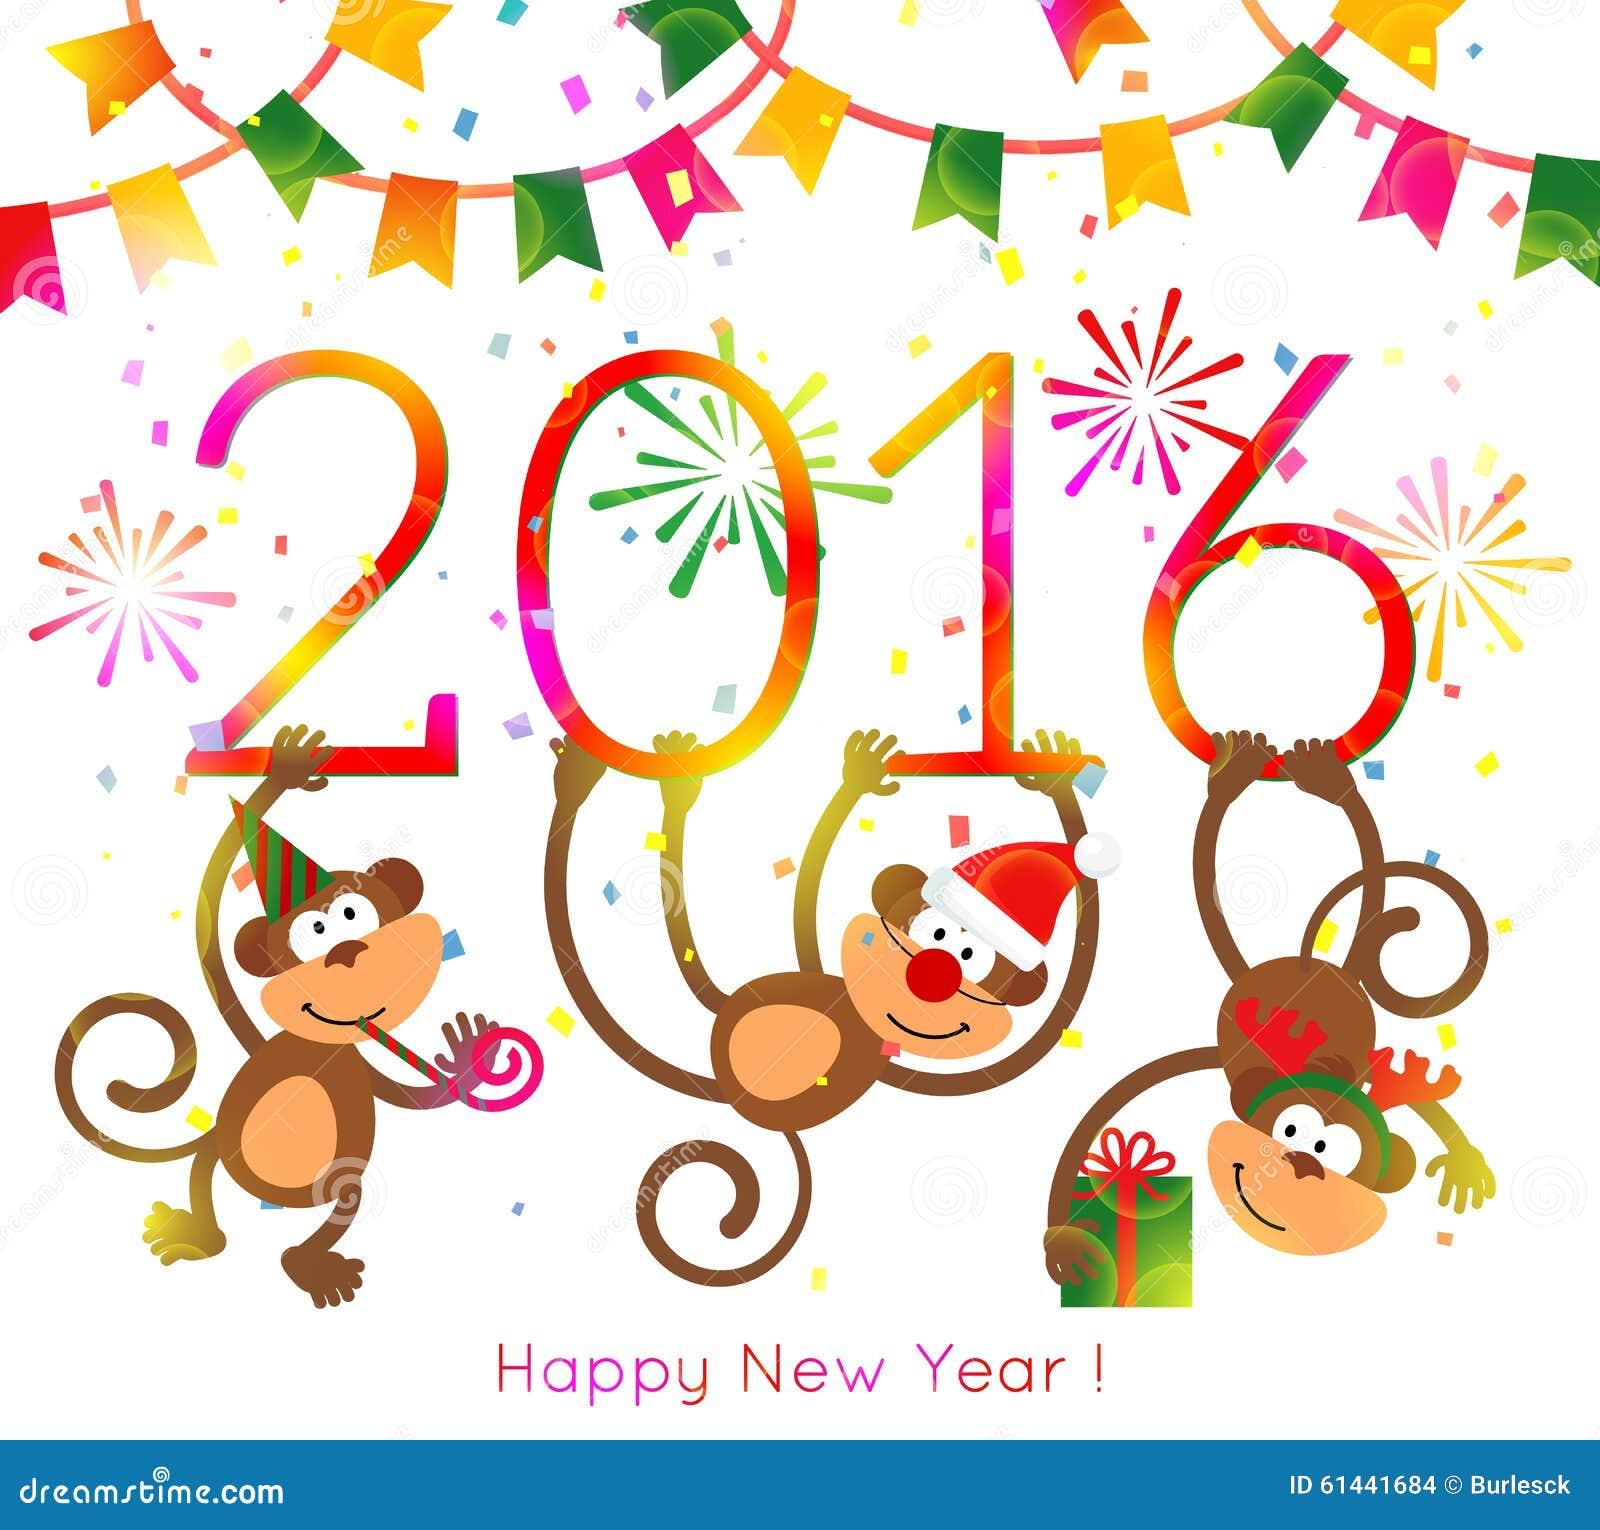 Картинки на новый год на год обезьяны 2017